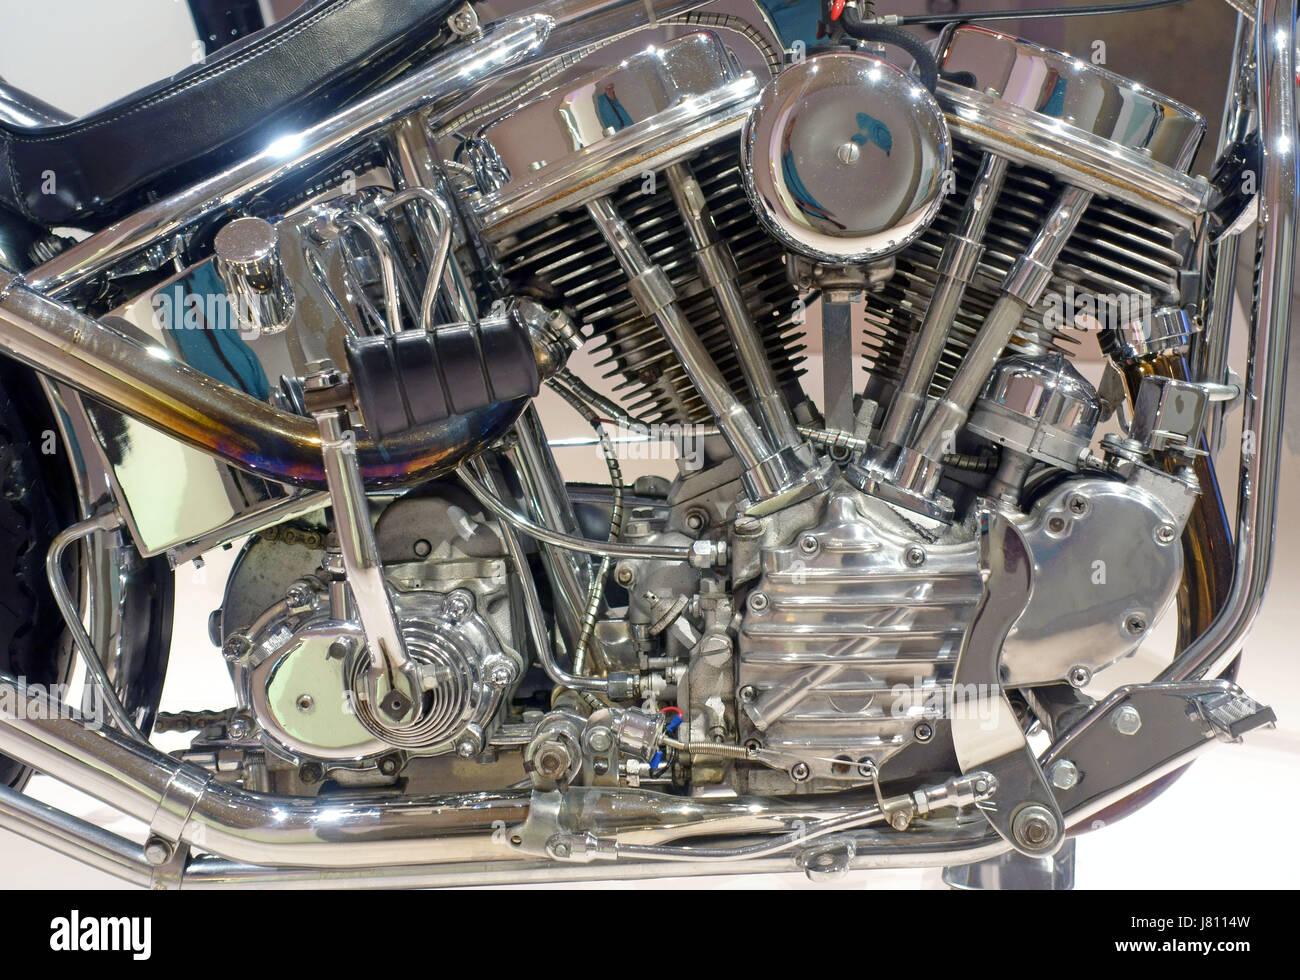 Nett Teile Eines Automotors Beschriftet Zeitgenössisch - Schaltplan ...